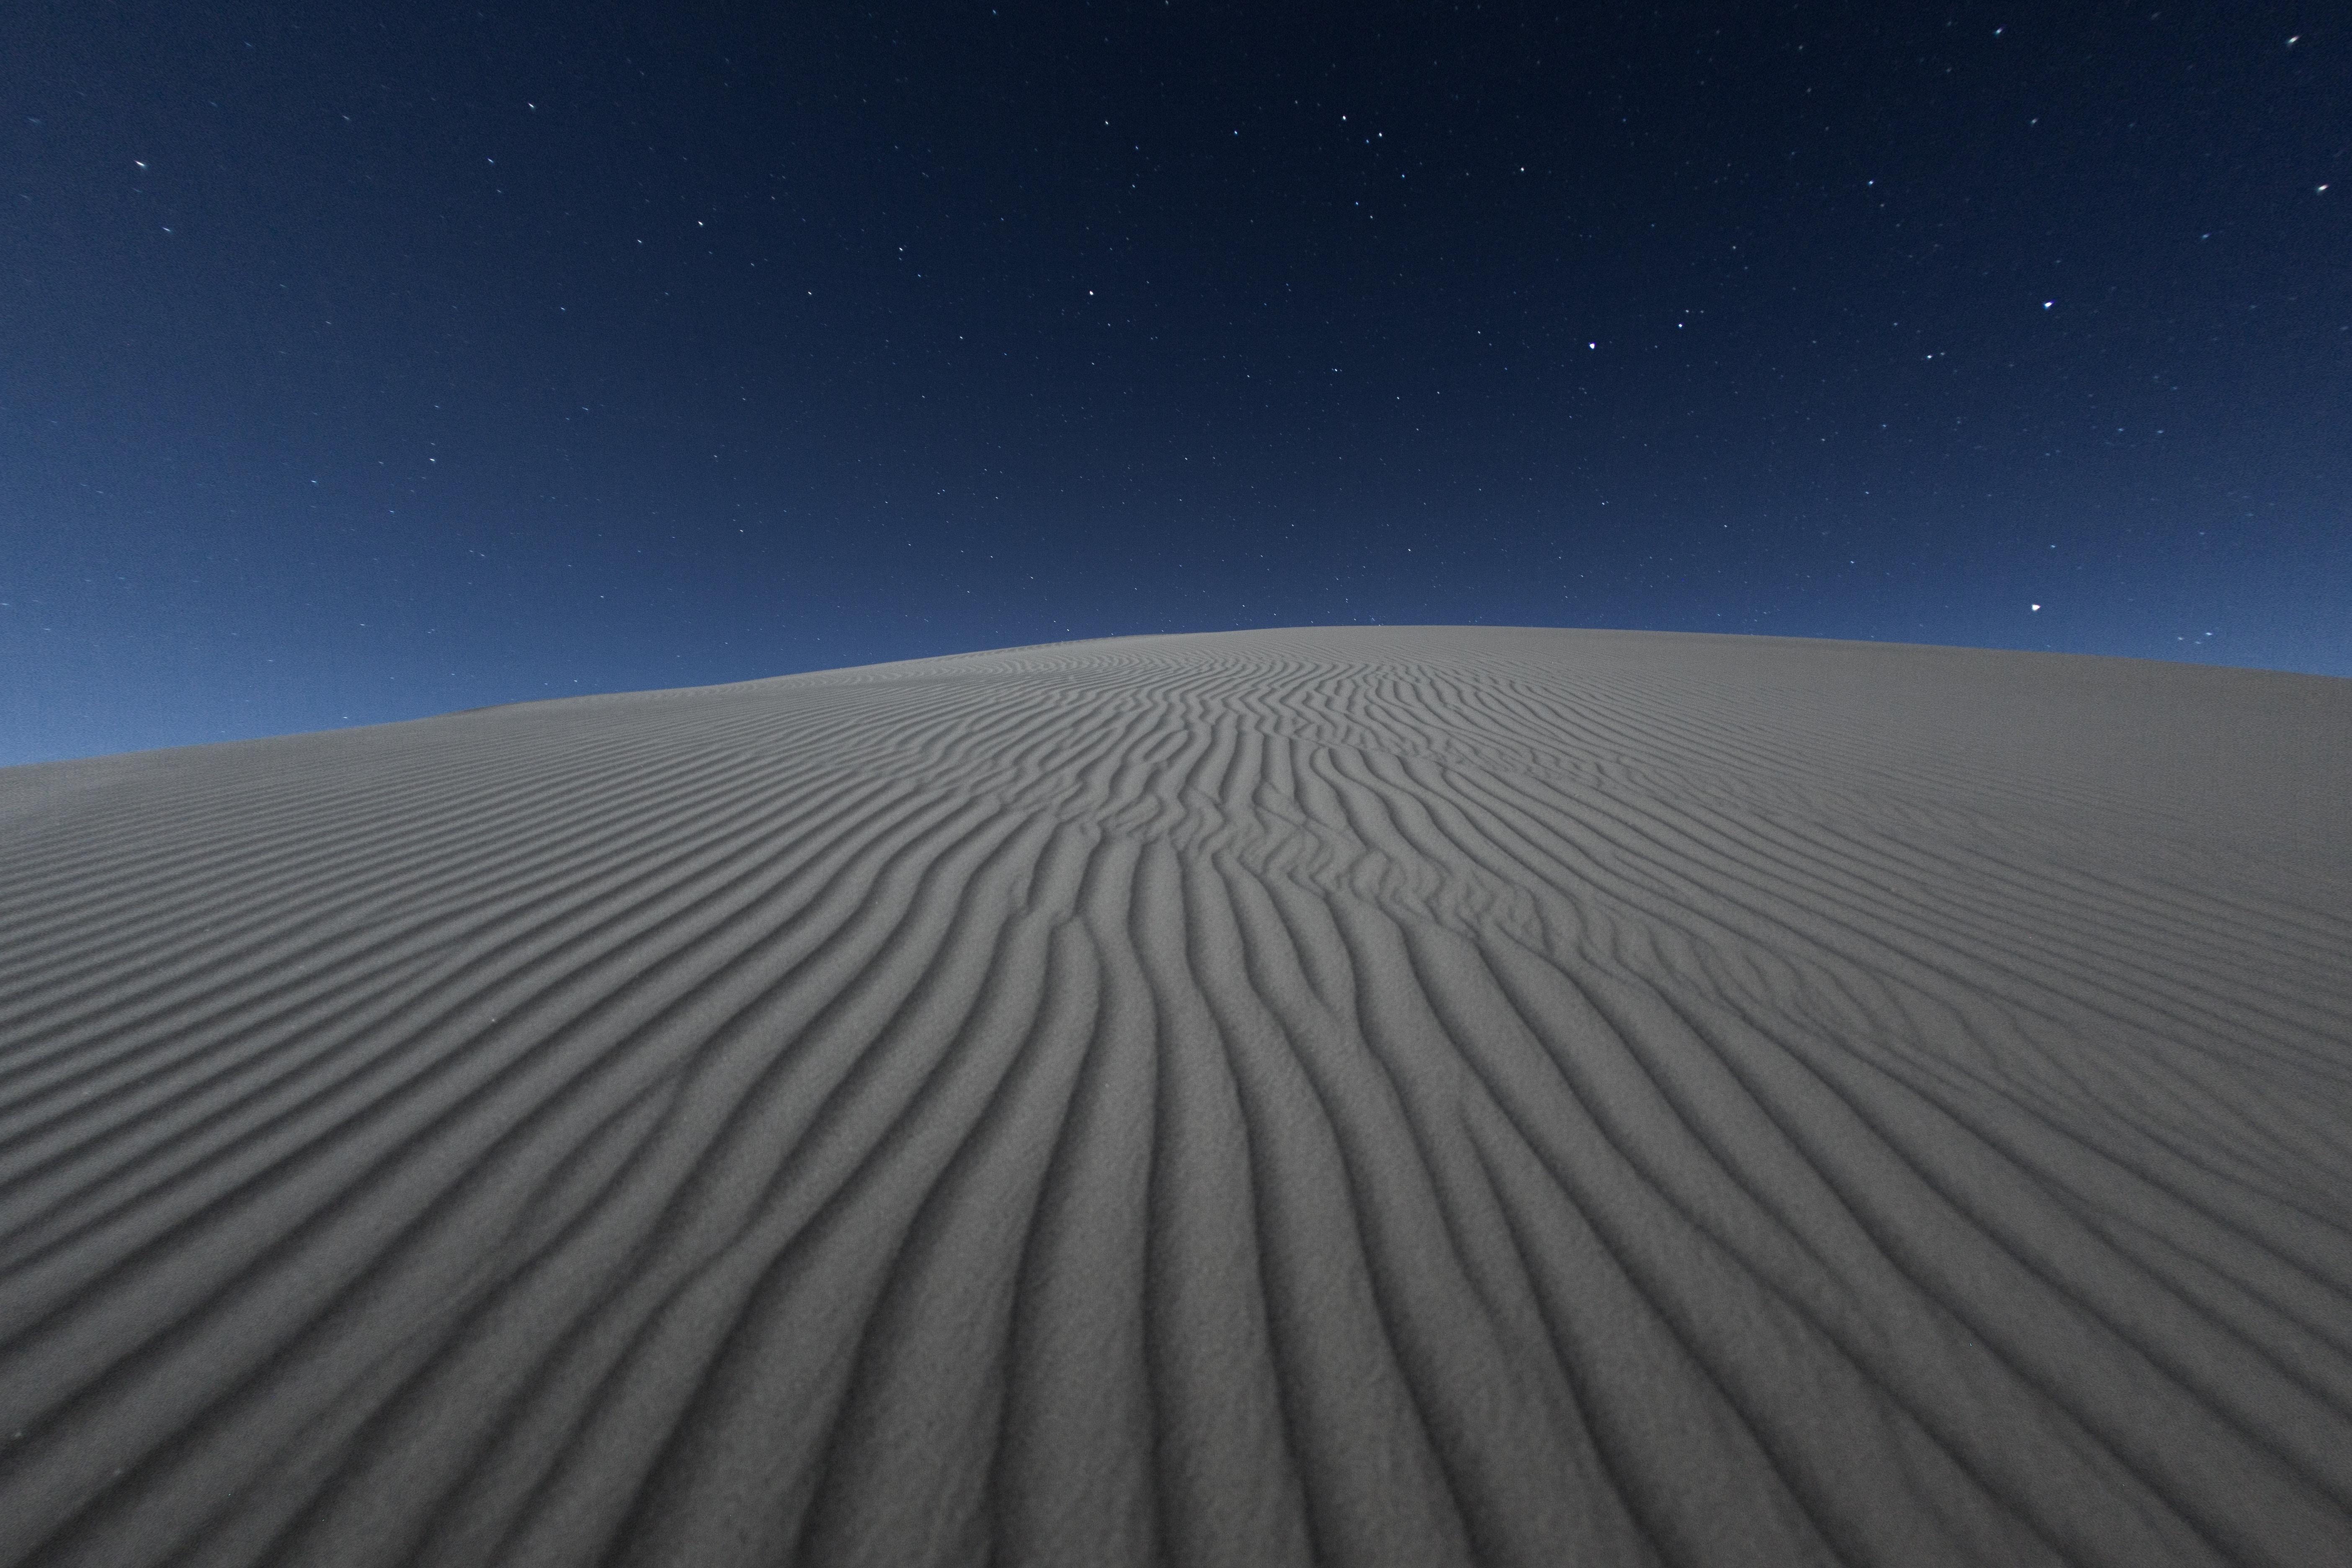 149352 Заставки и Обои Пустыня на телефон. Скачать Пустыня, Природа, Ночь, Песок, Звездное Небо, Волнистый, Светлый картинки бесплатно